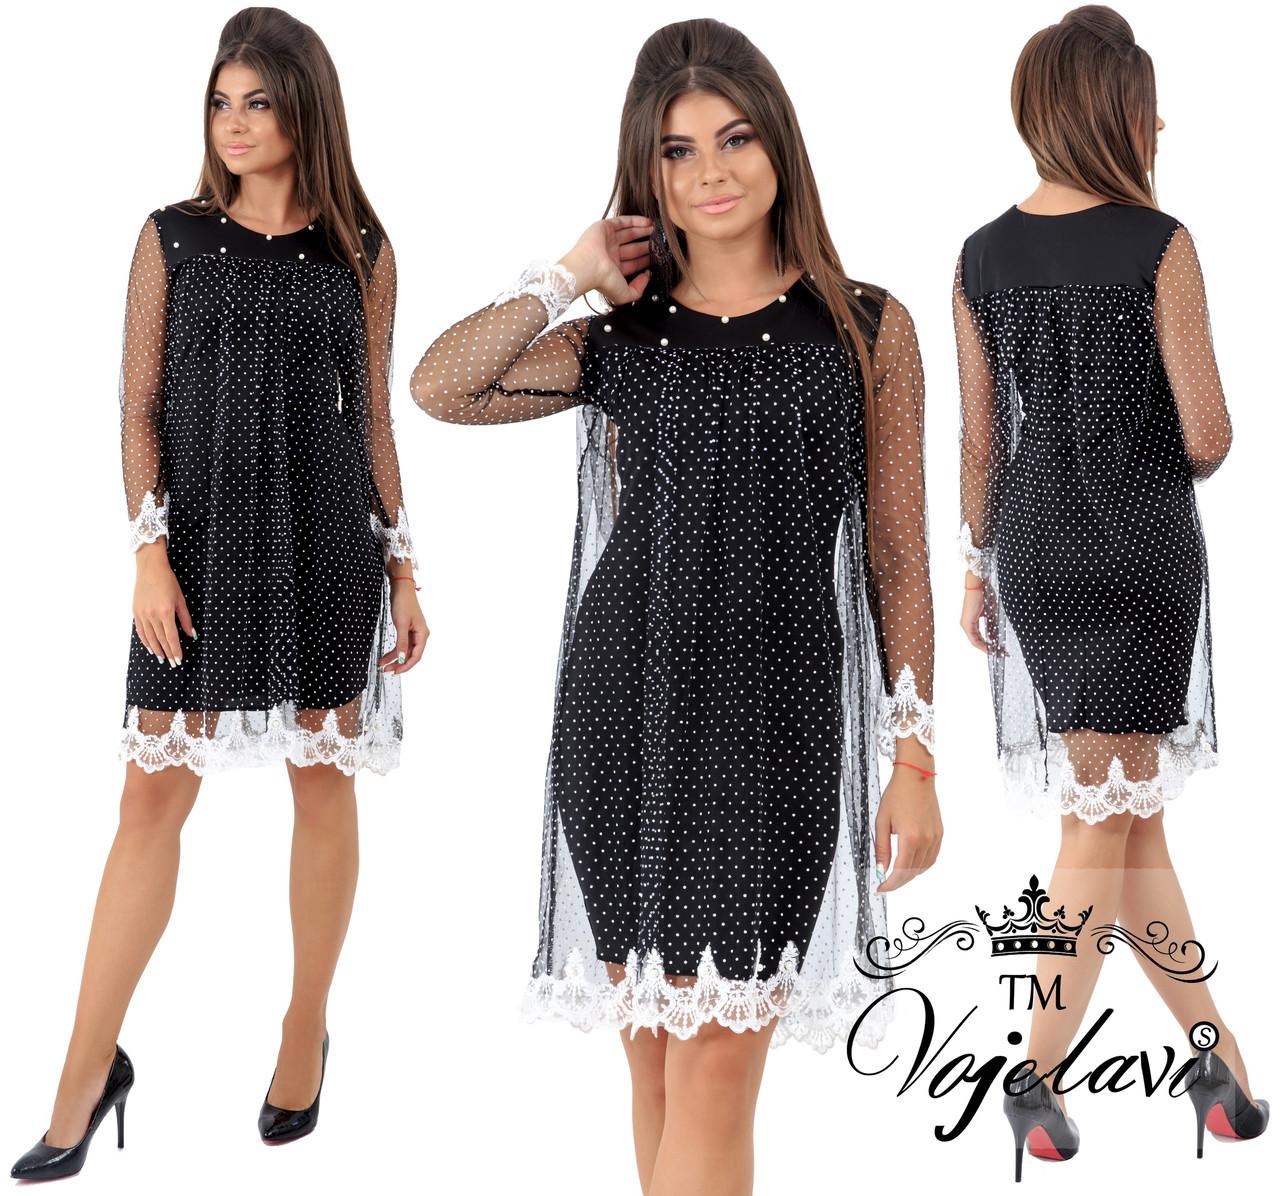 490465a8cf27 Стильное женское платье с кружевной сеткой т.м. Vojelavi 1623 оптом ...